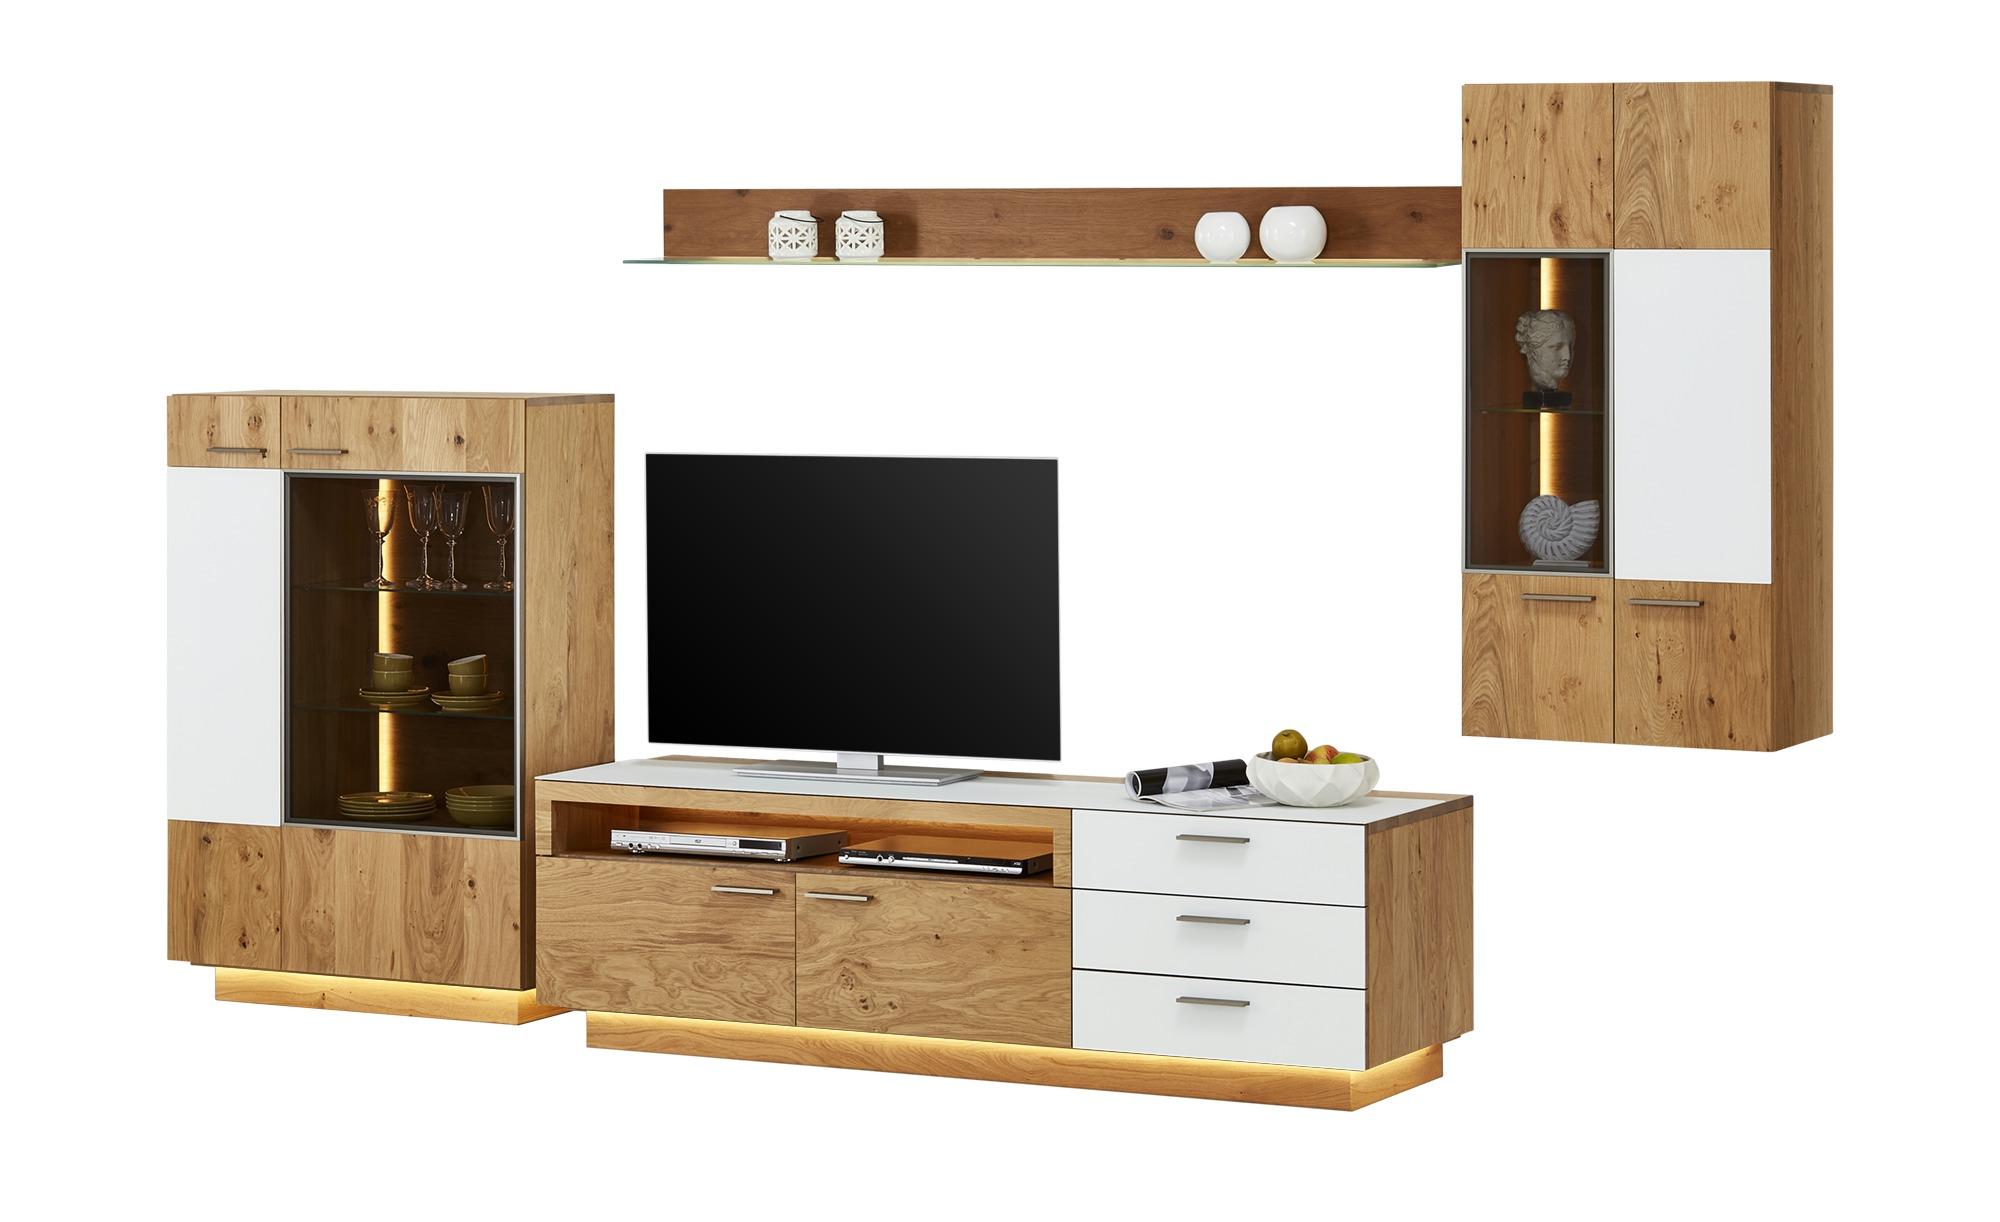 tv möbel ahorn | fernsehschrank geschlossen günstig kaufen | tv